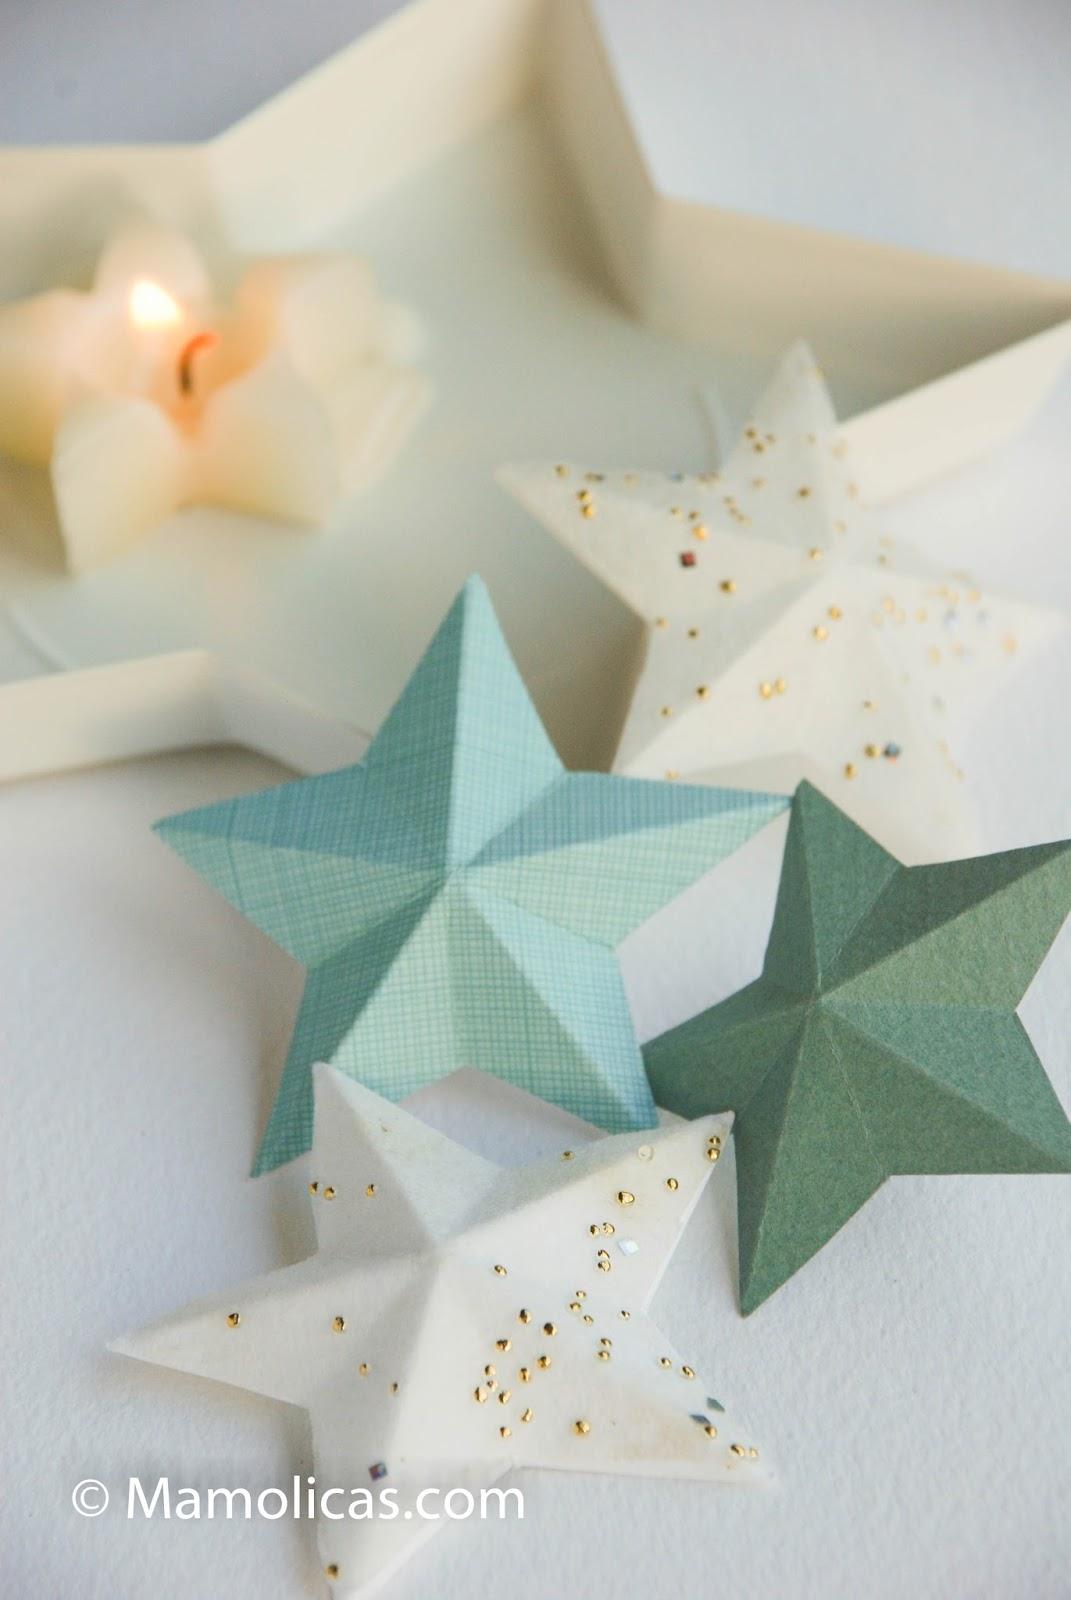 Mamolicas decoraci n navidad diy estrellas navidad de papel - Decoracion navidad papel ...